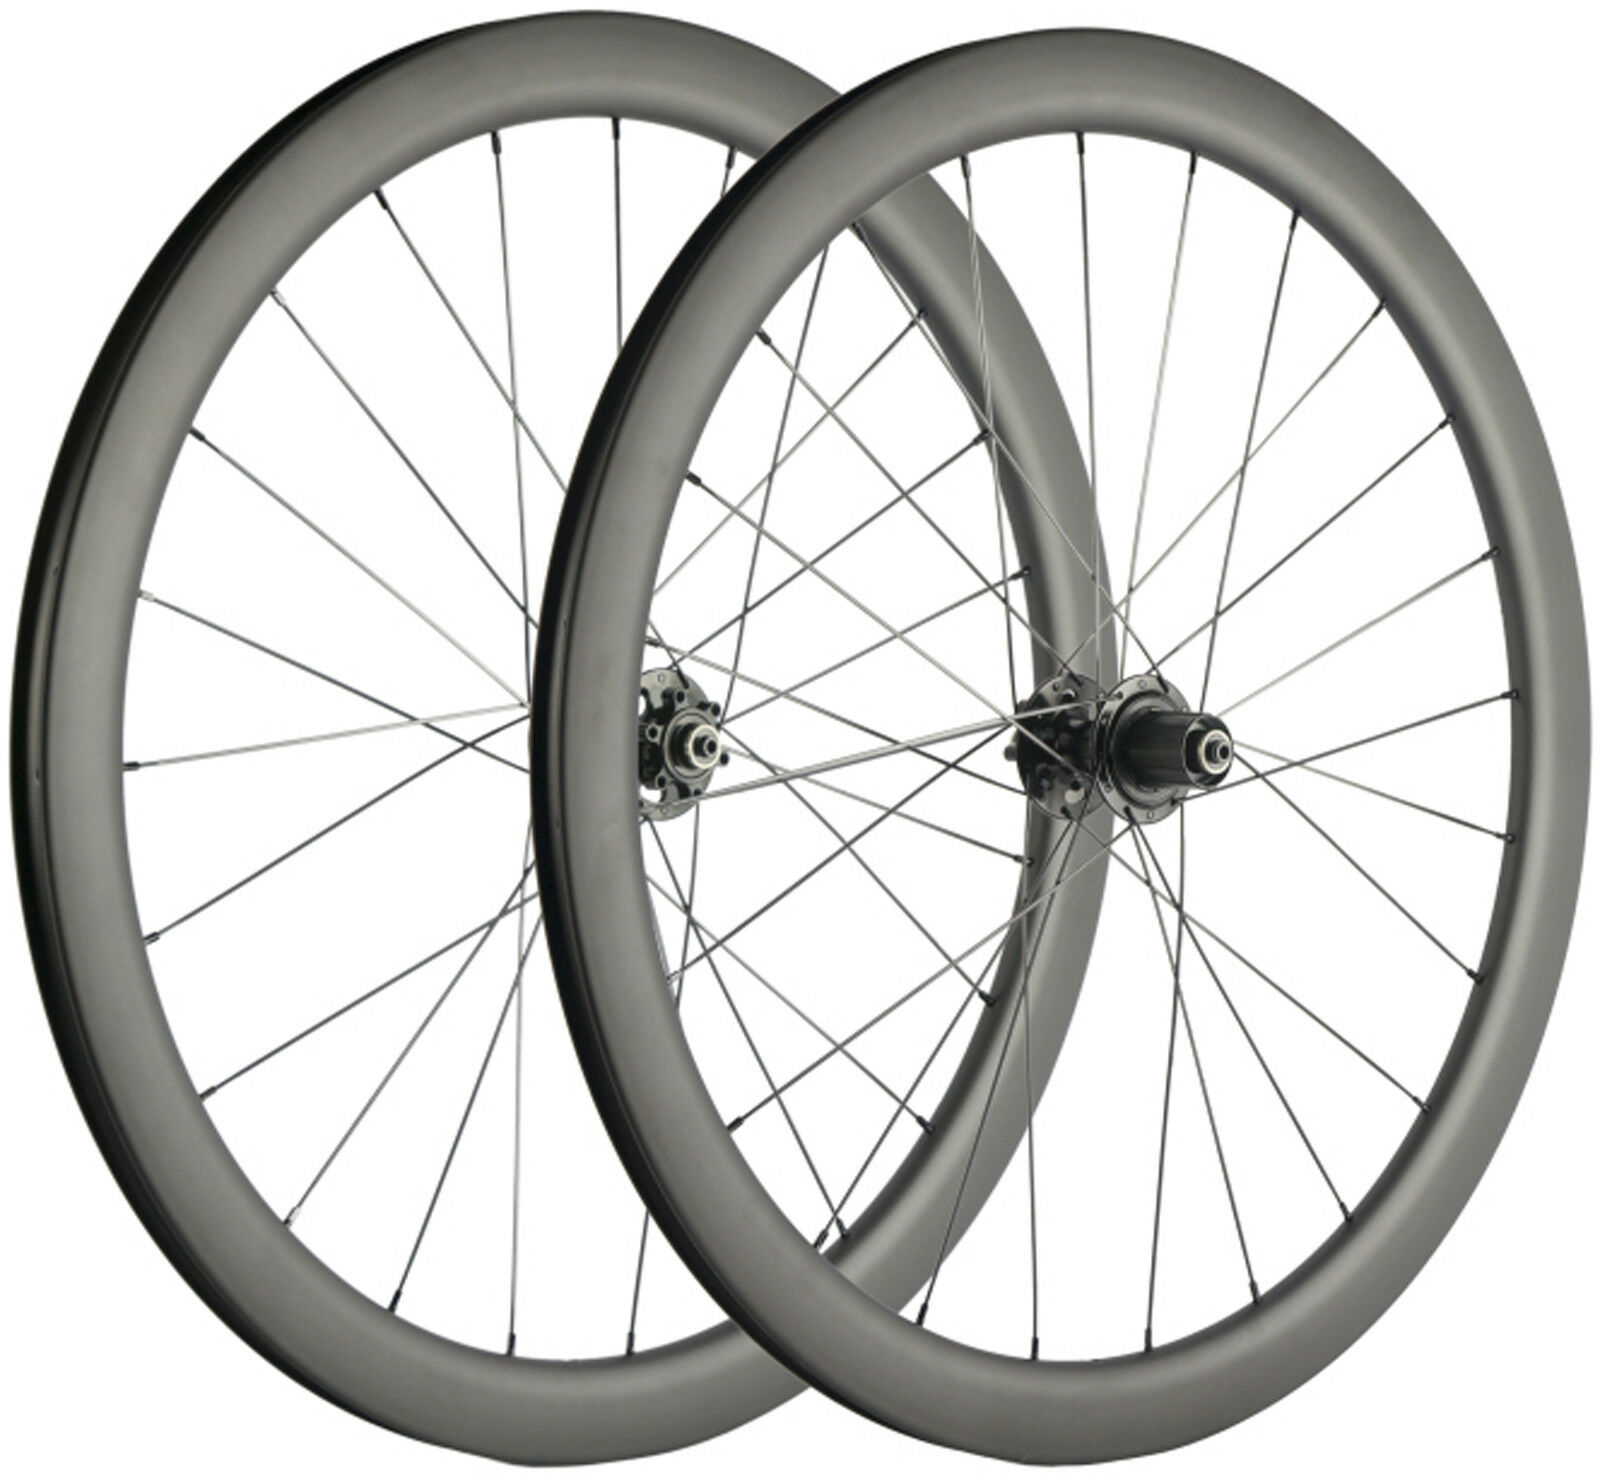 700C Carbon Fiber Road Bike Disc  Brake Wheelset 45mm Depth 25mm Width Clinchcer  the cheapest